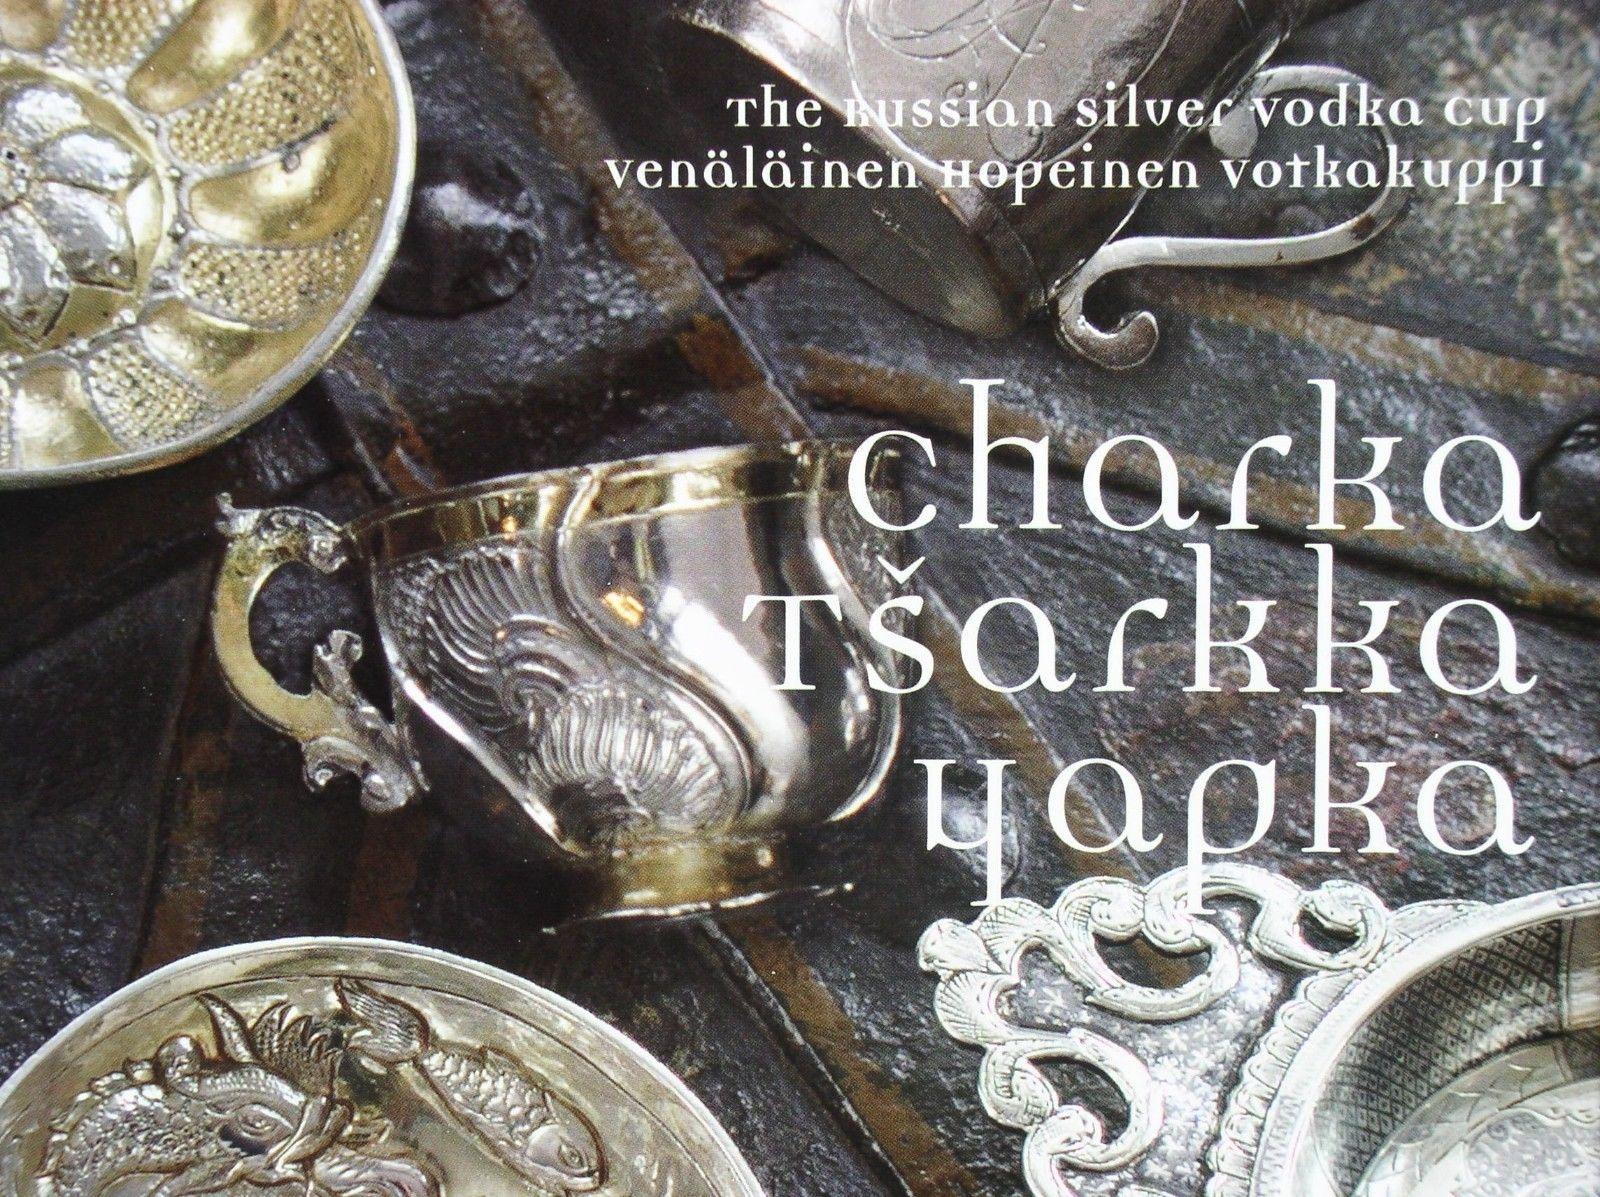 Charka book